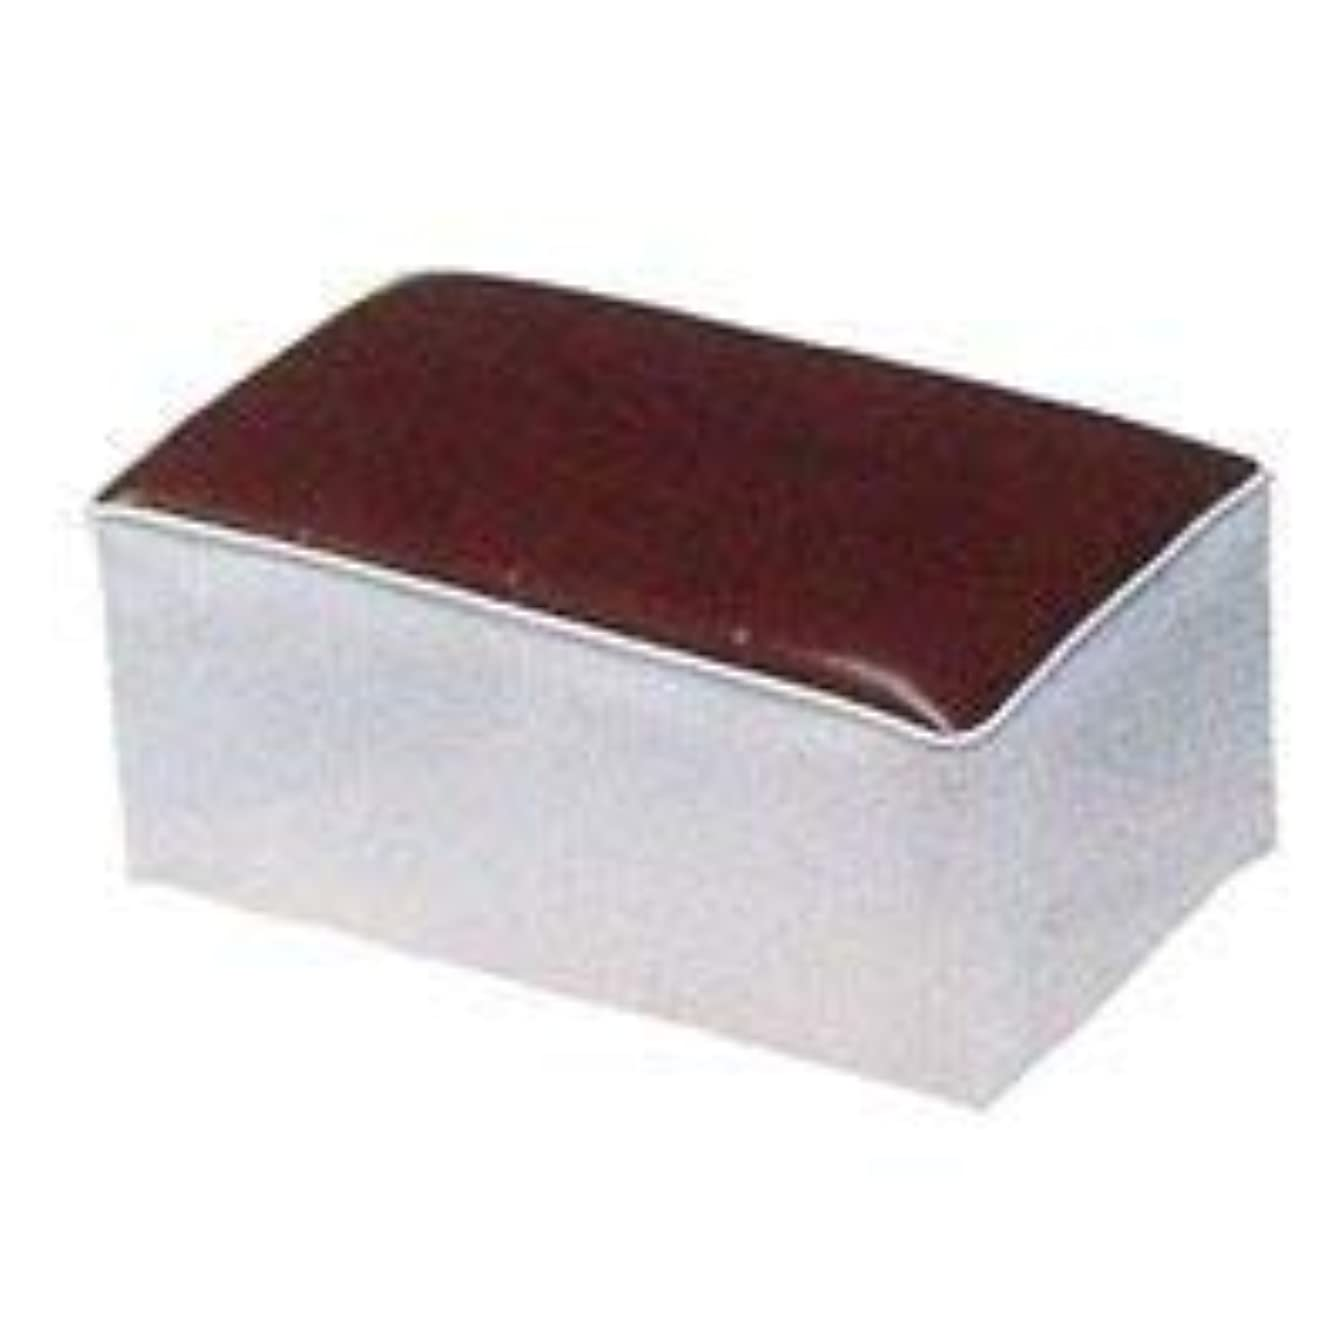 喜田 補助椅子 K−37 (ブラウン)